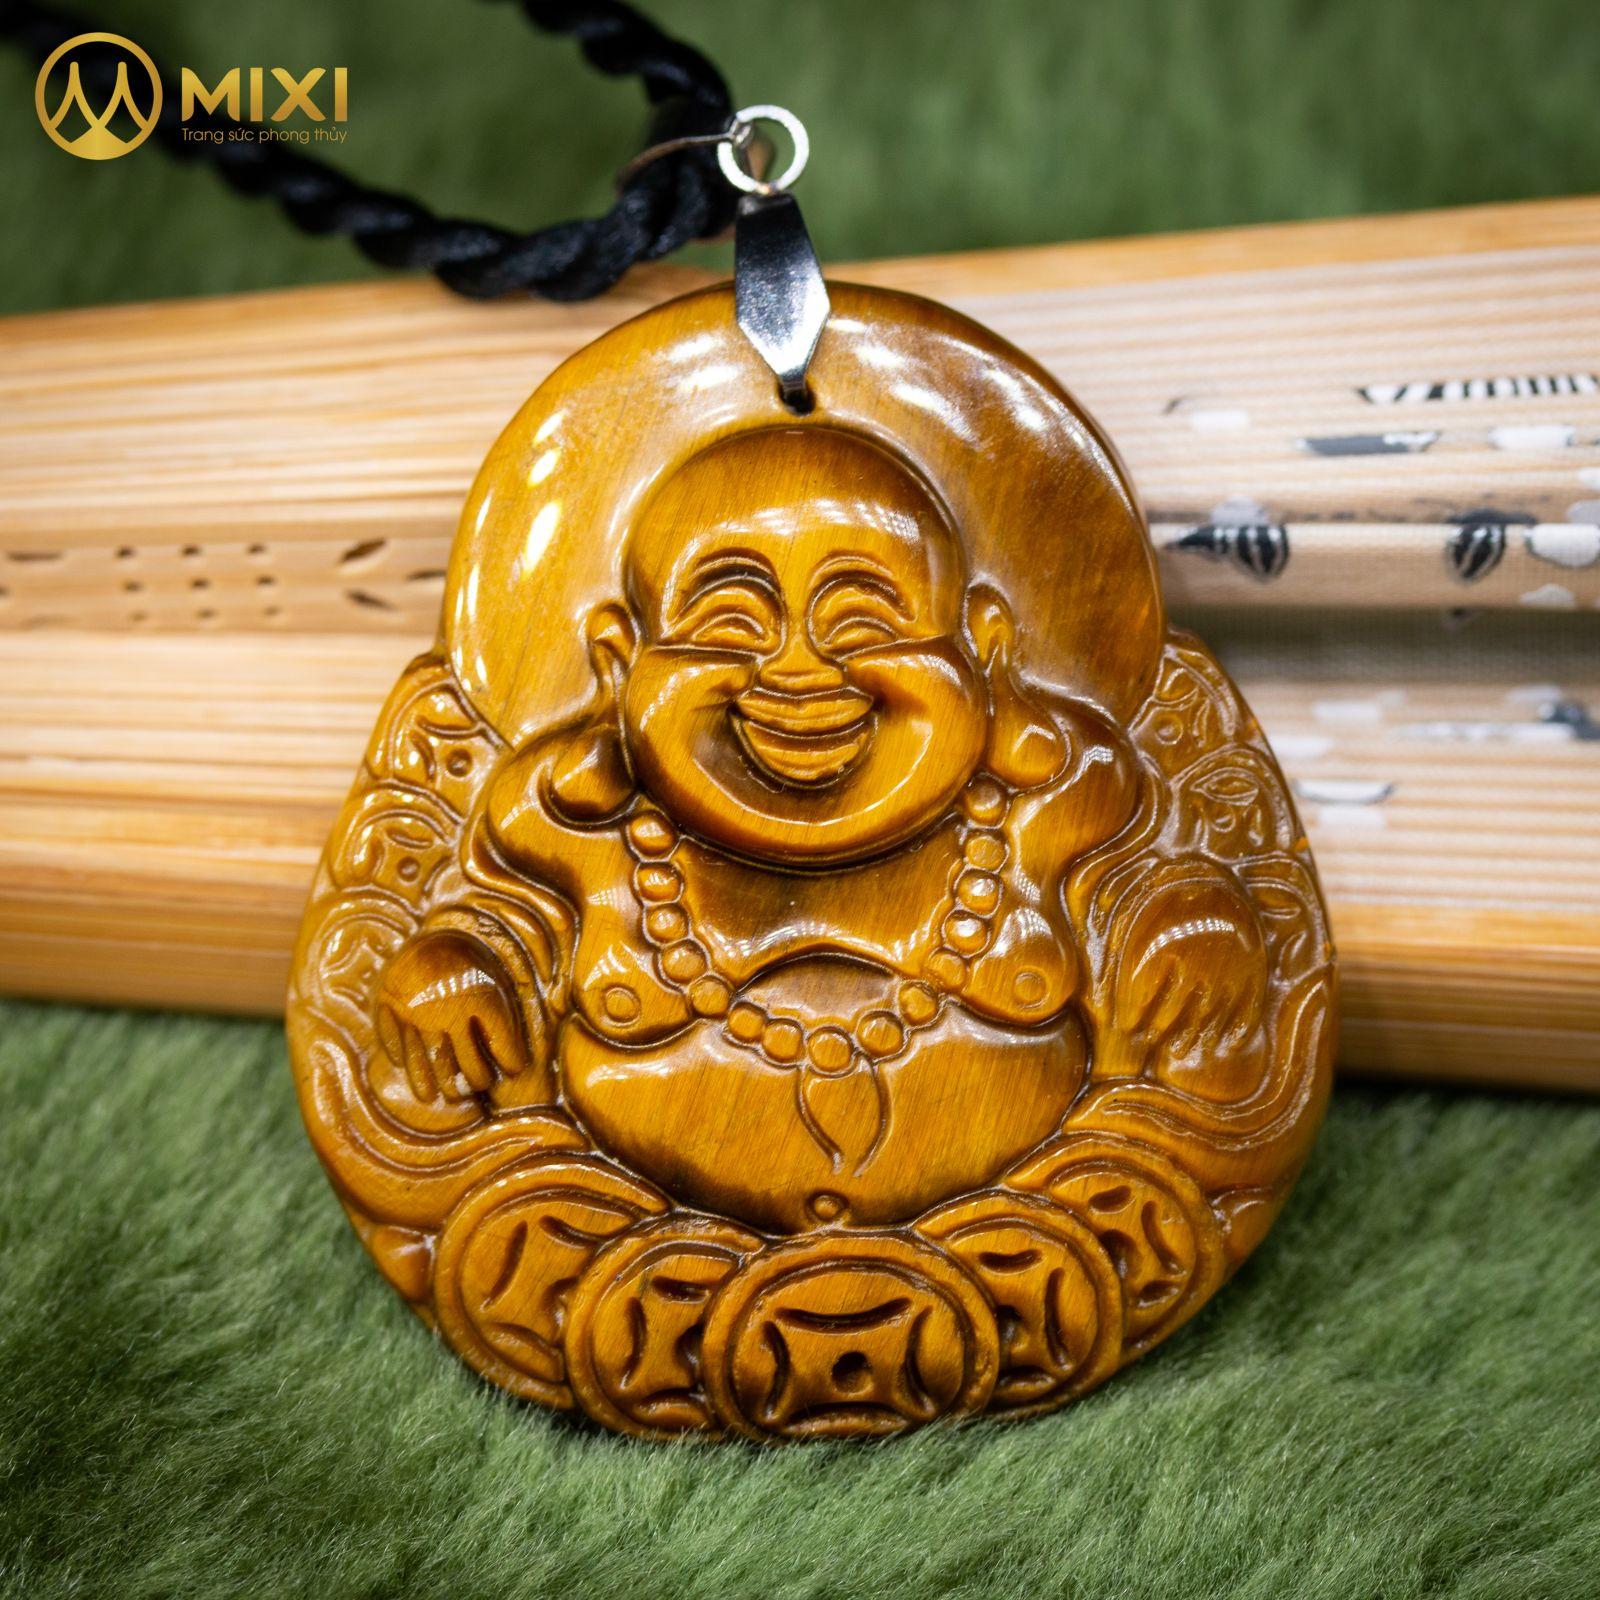 Mặt Dây Phật Di Lặc Mắt Hổ Nâu_Nhỏ